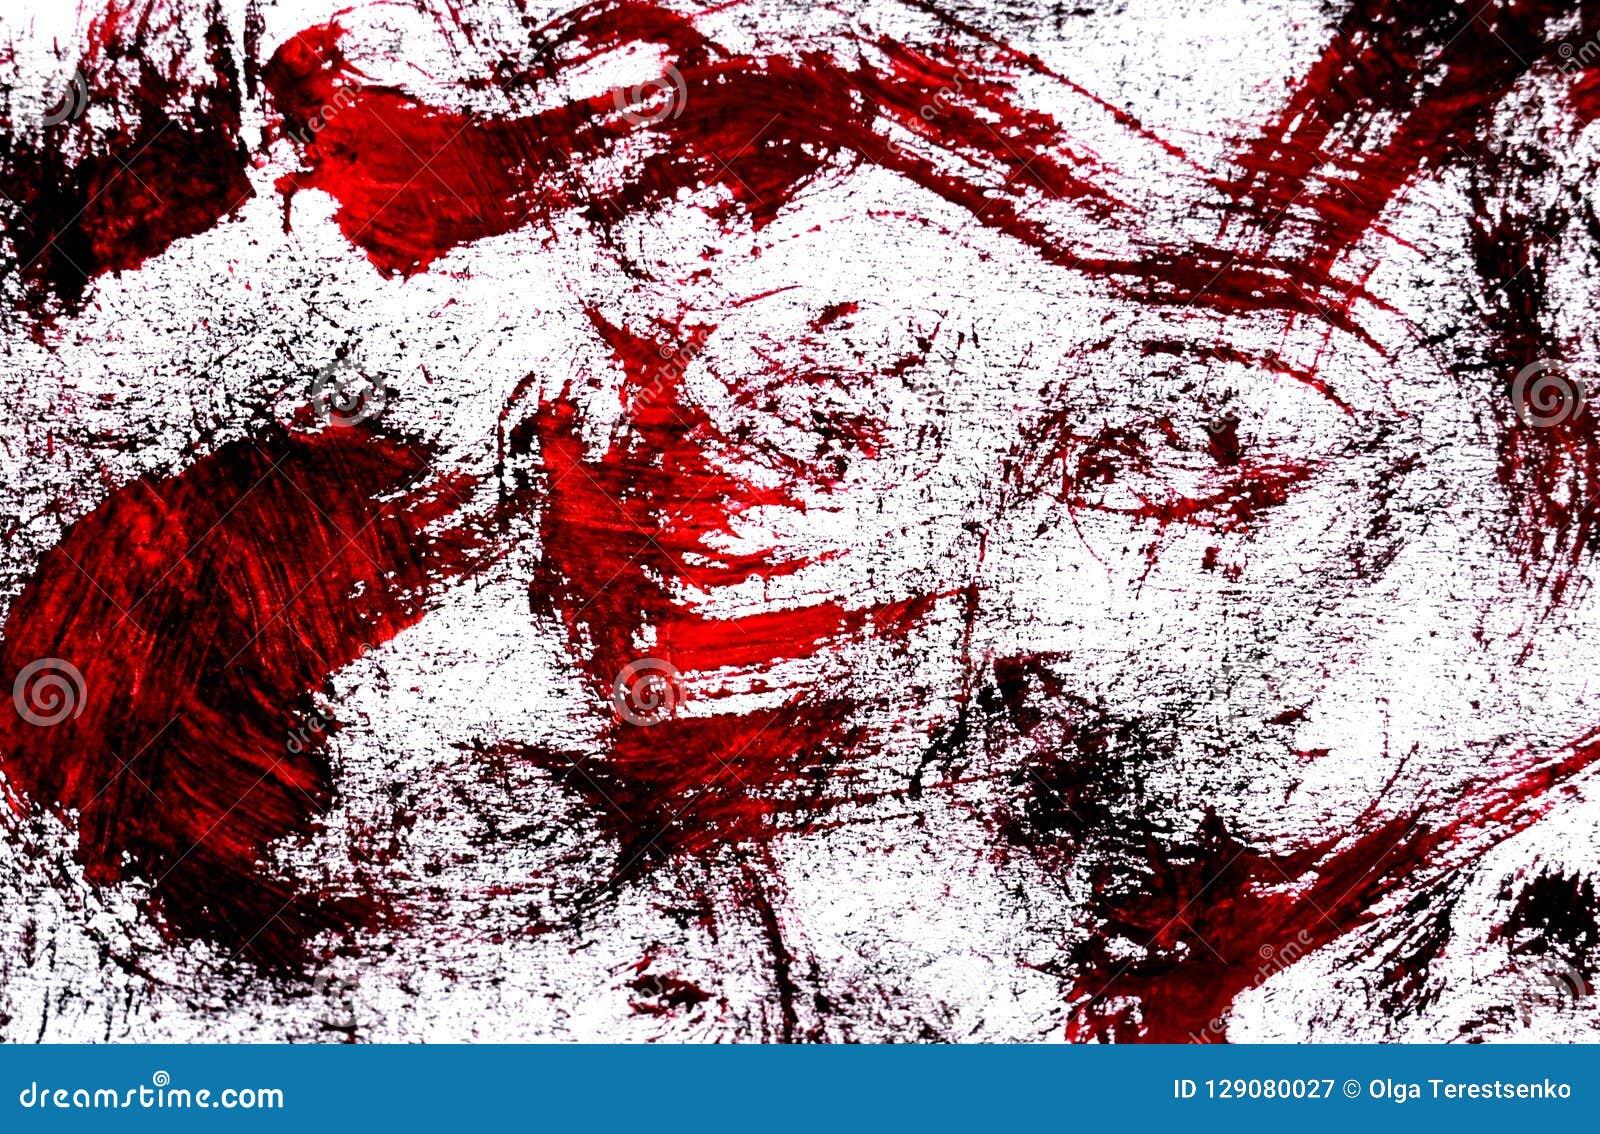 一张抽象水彩绘画的照片